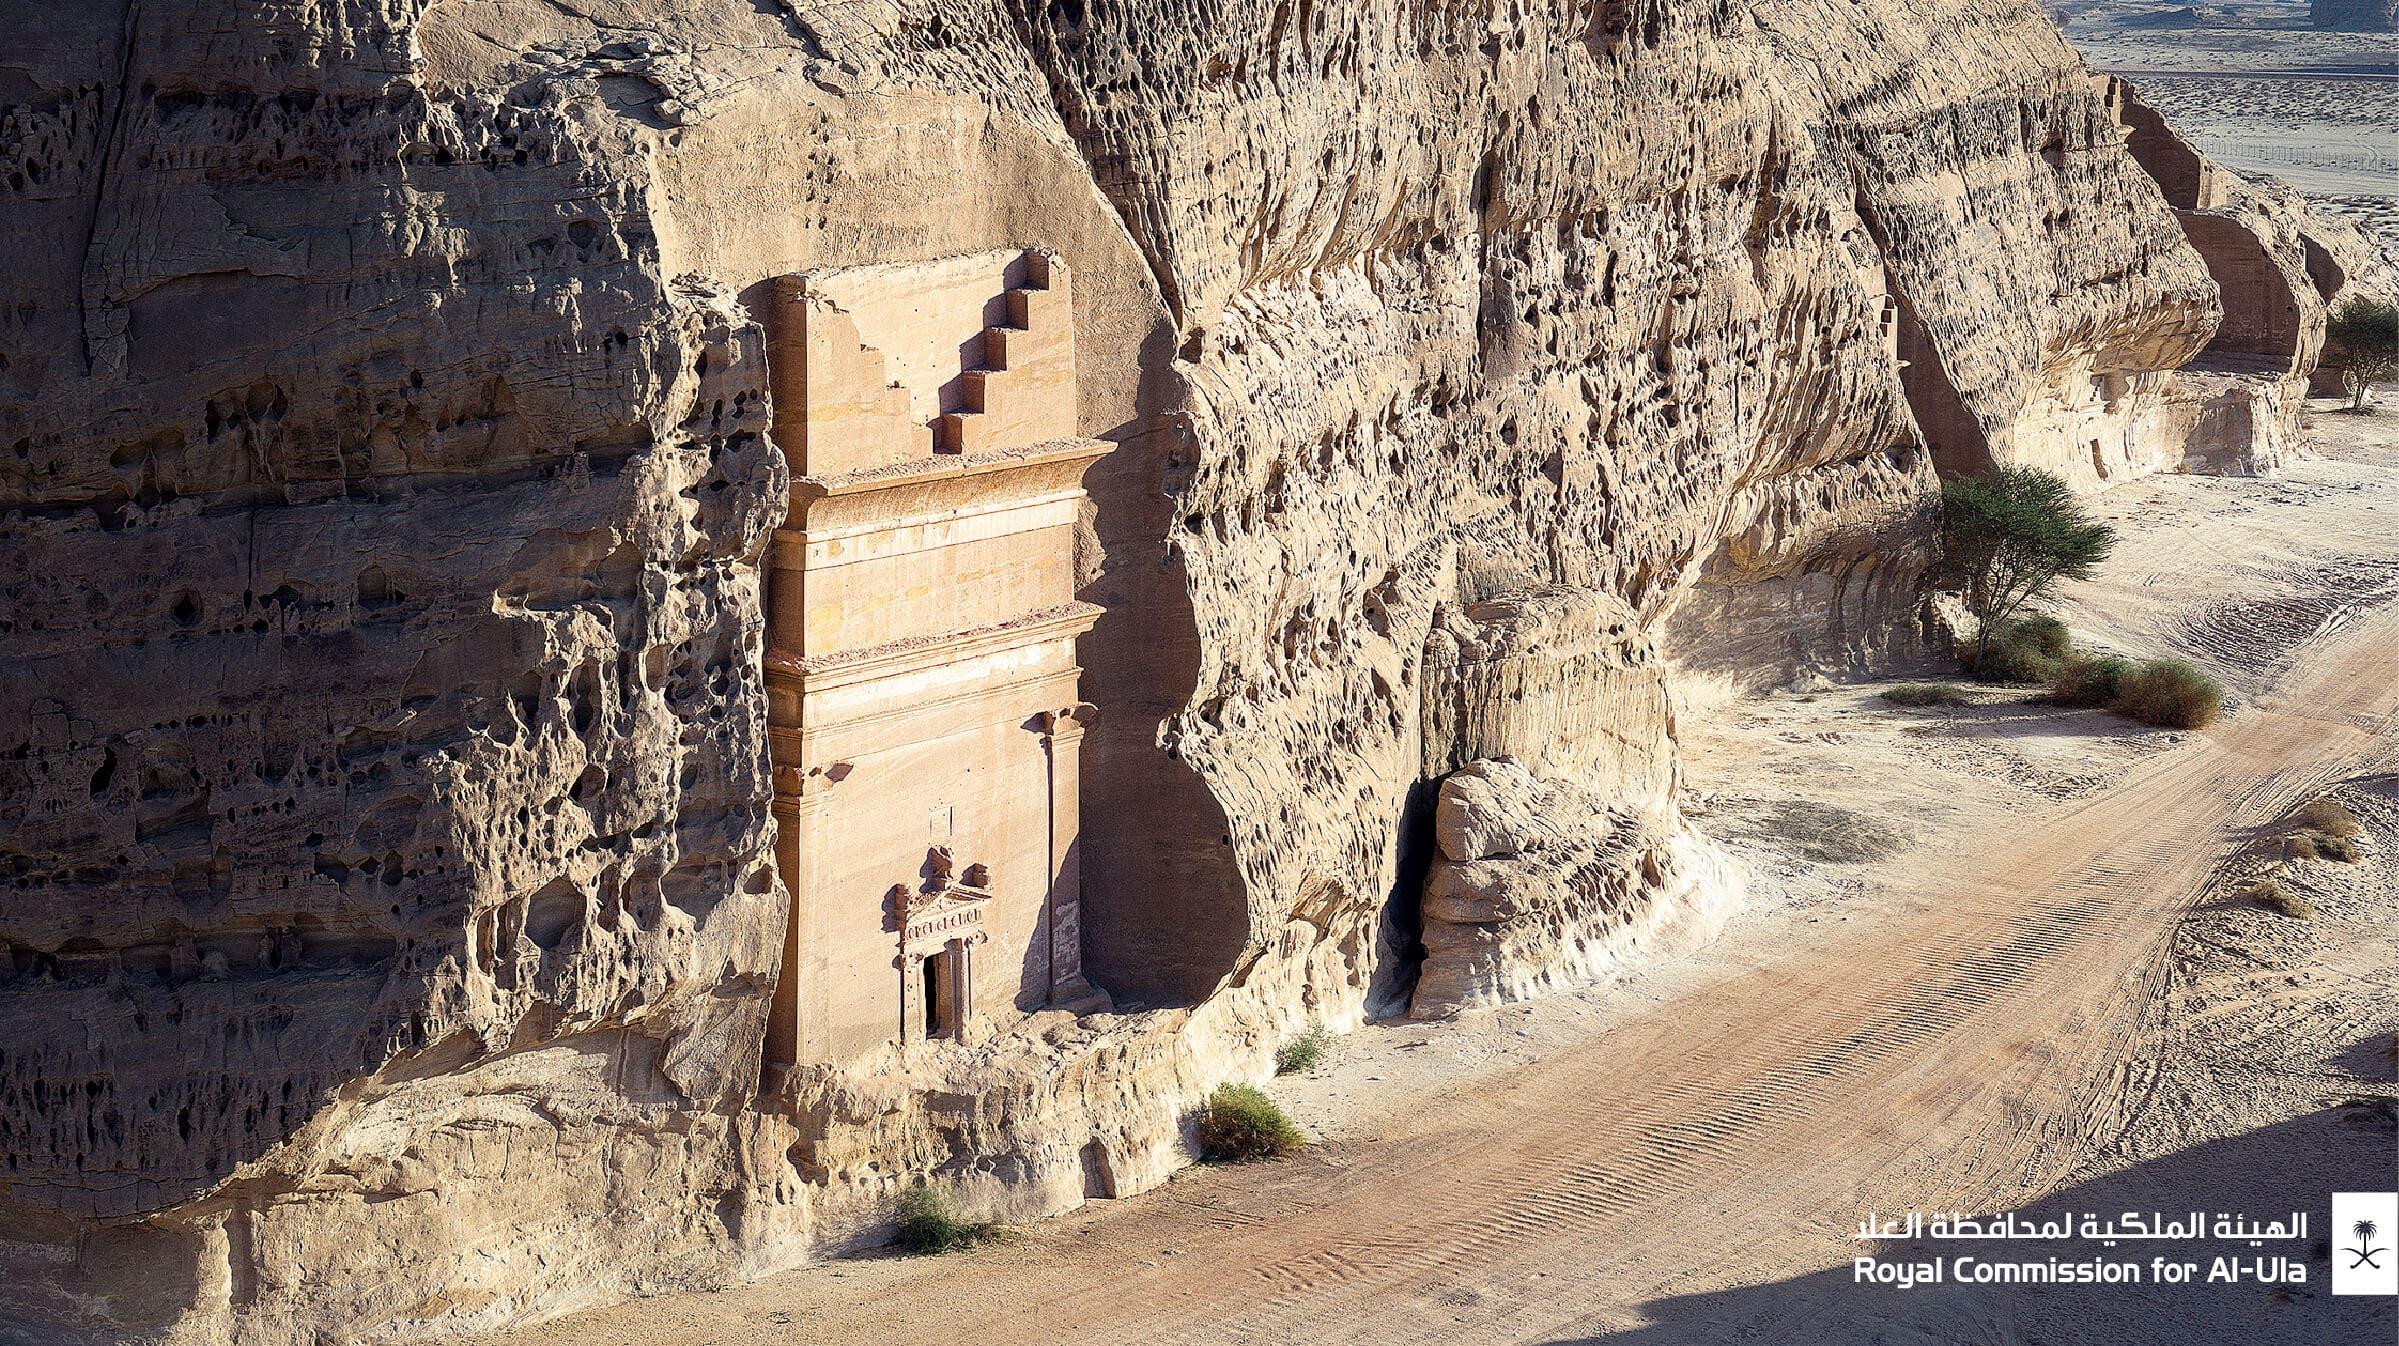 Al-Ula (RCU)